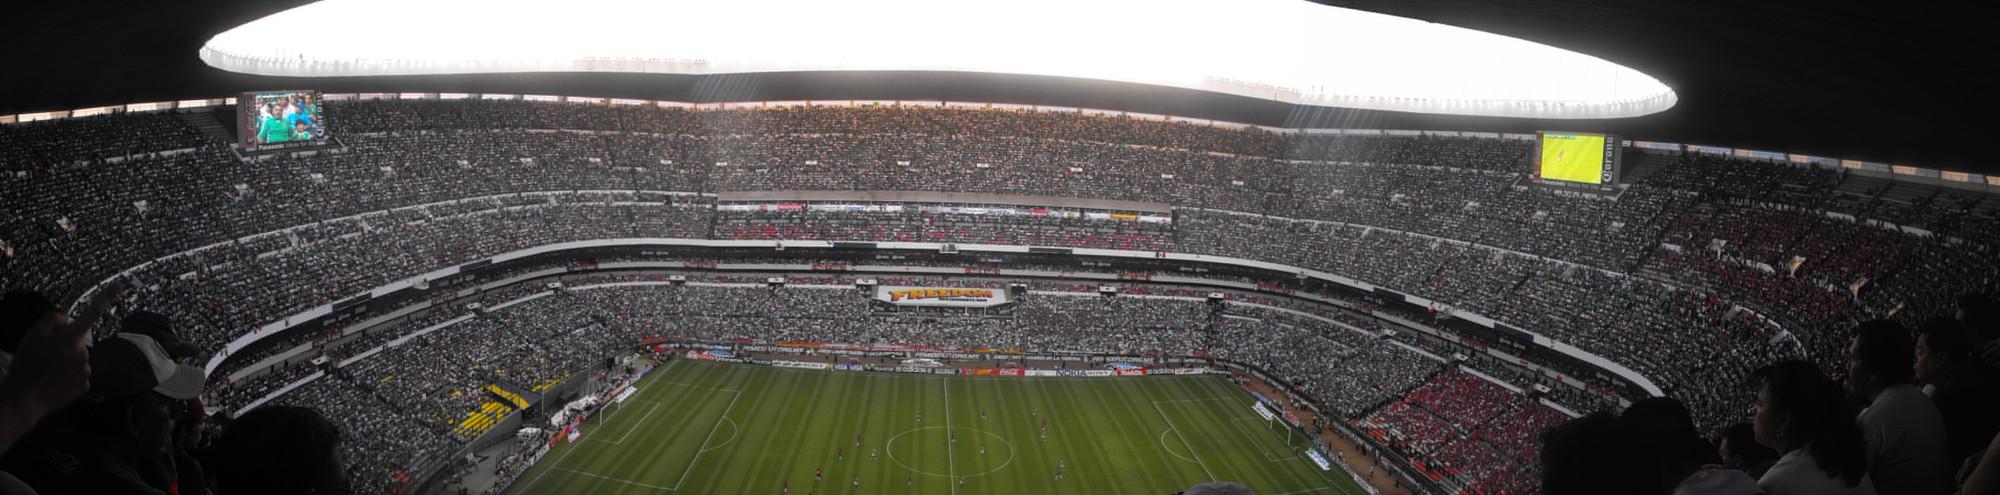 Panorámica del Estadio Azteca. Image © Juan Chanclas [Flickr]